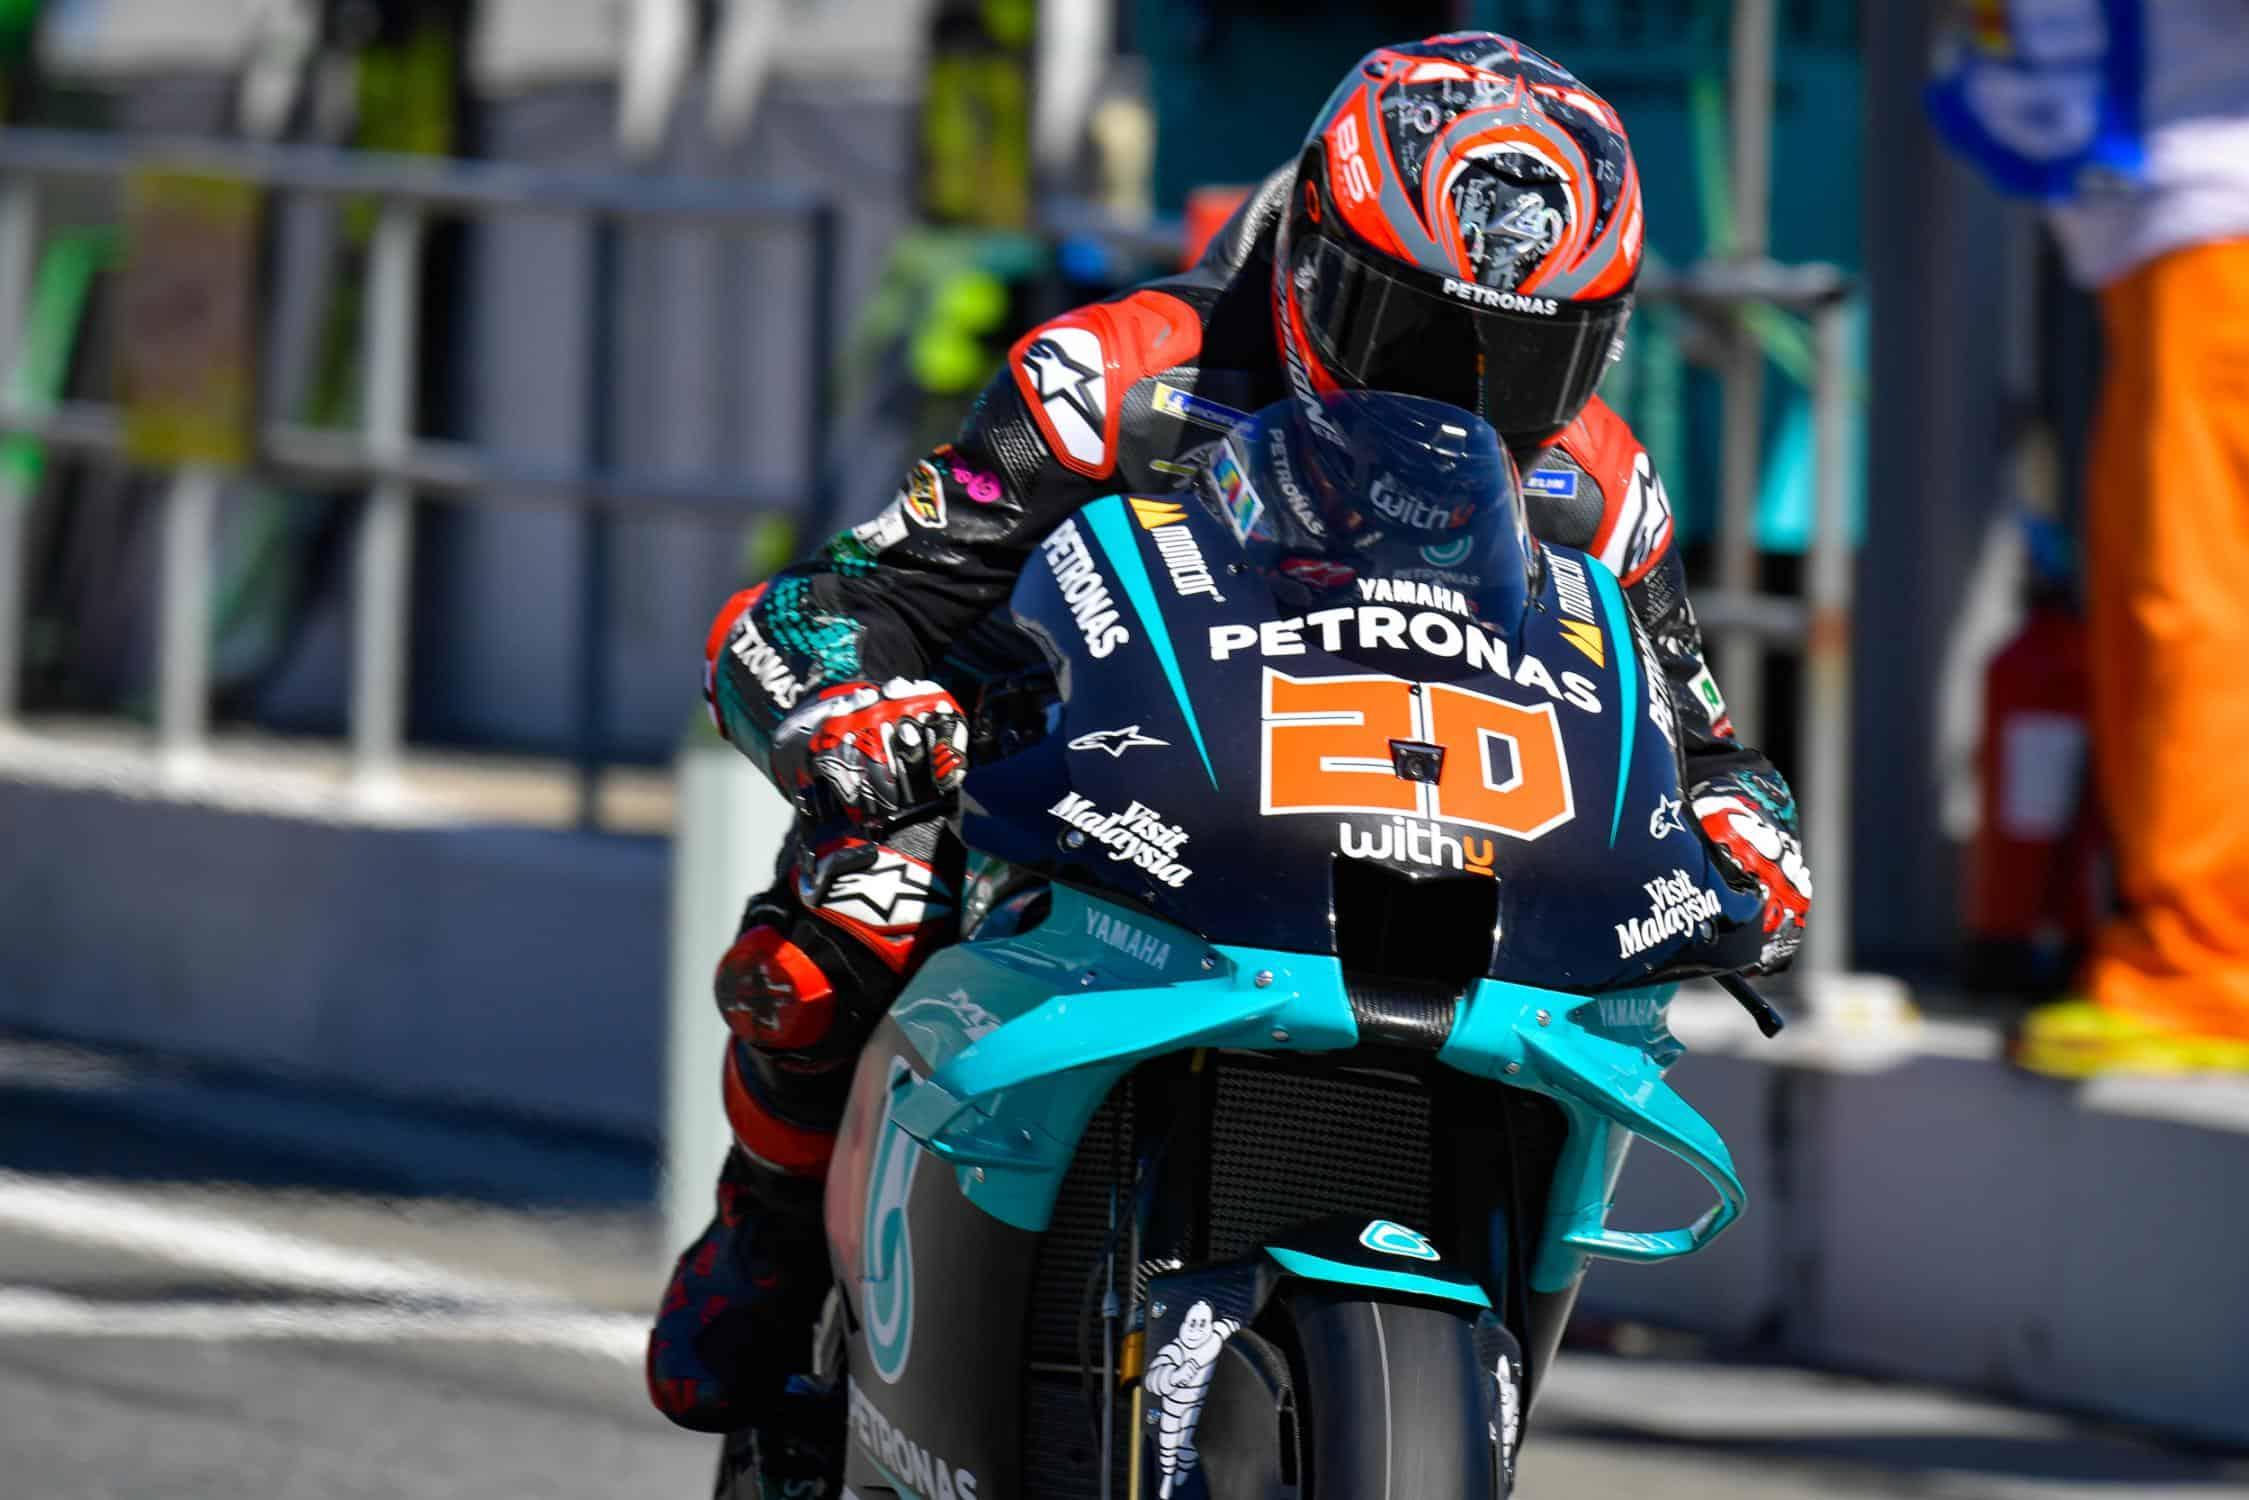 Fabio Quartararo ha siglato il miglior tempo nelle PL3 del Gran Premio di Catalunya 2020 (foto da: motogp.com)